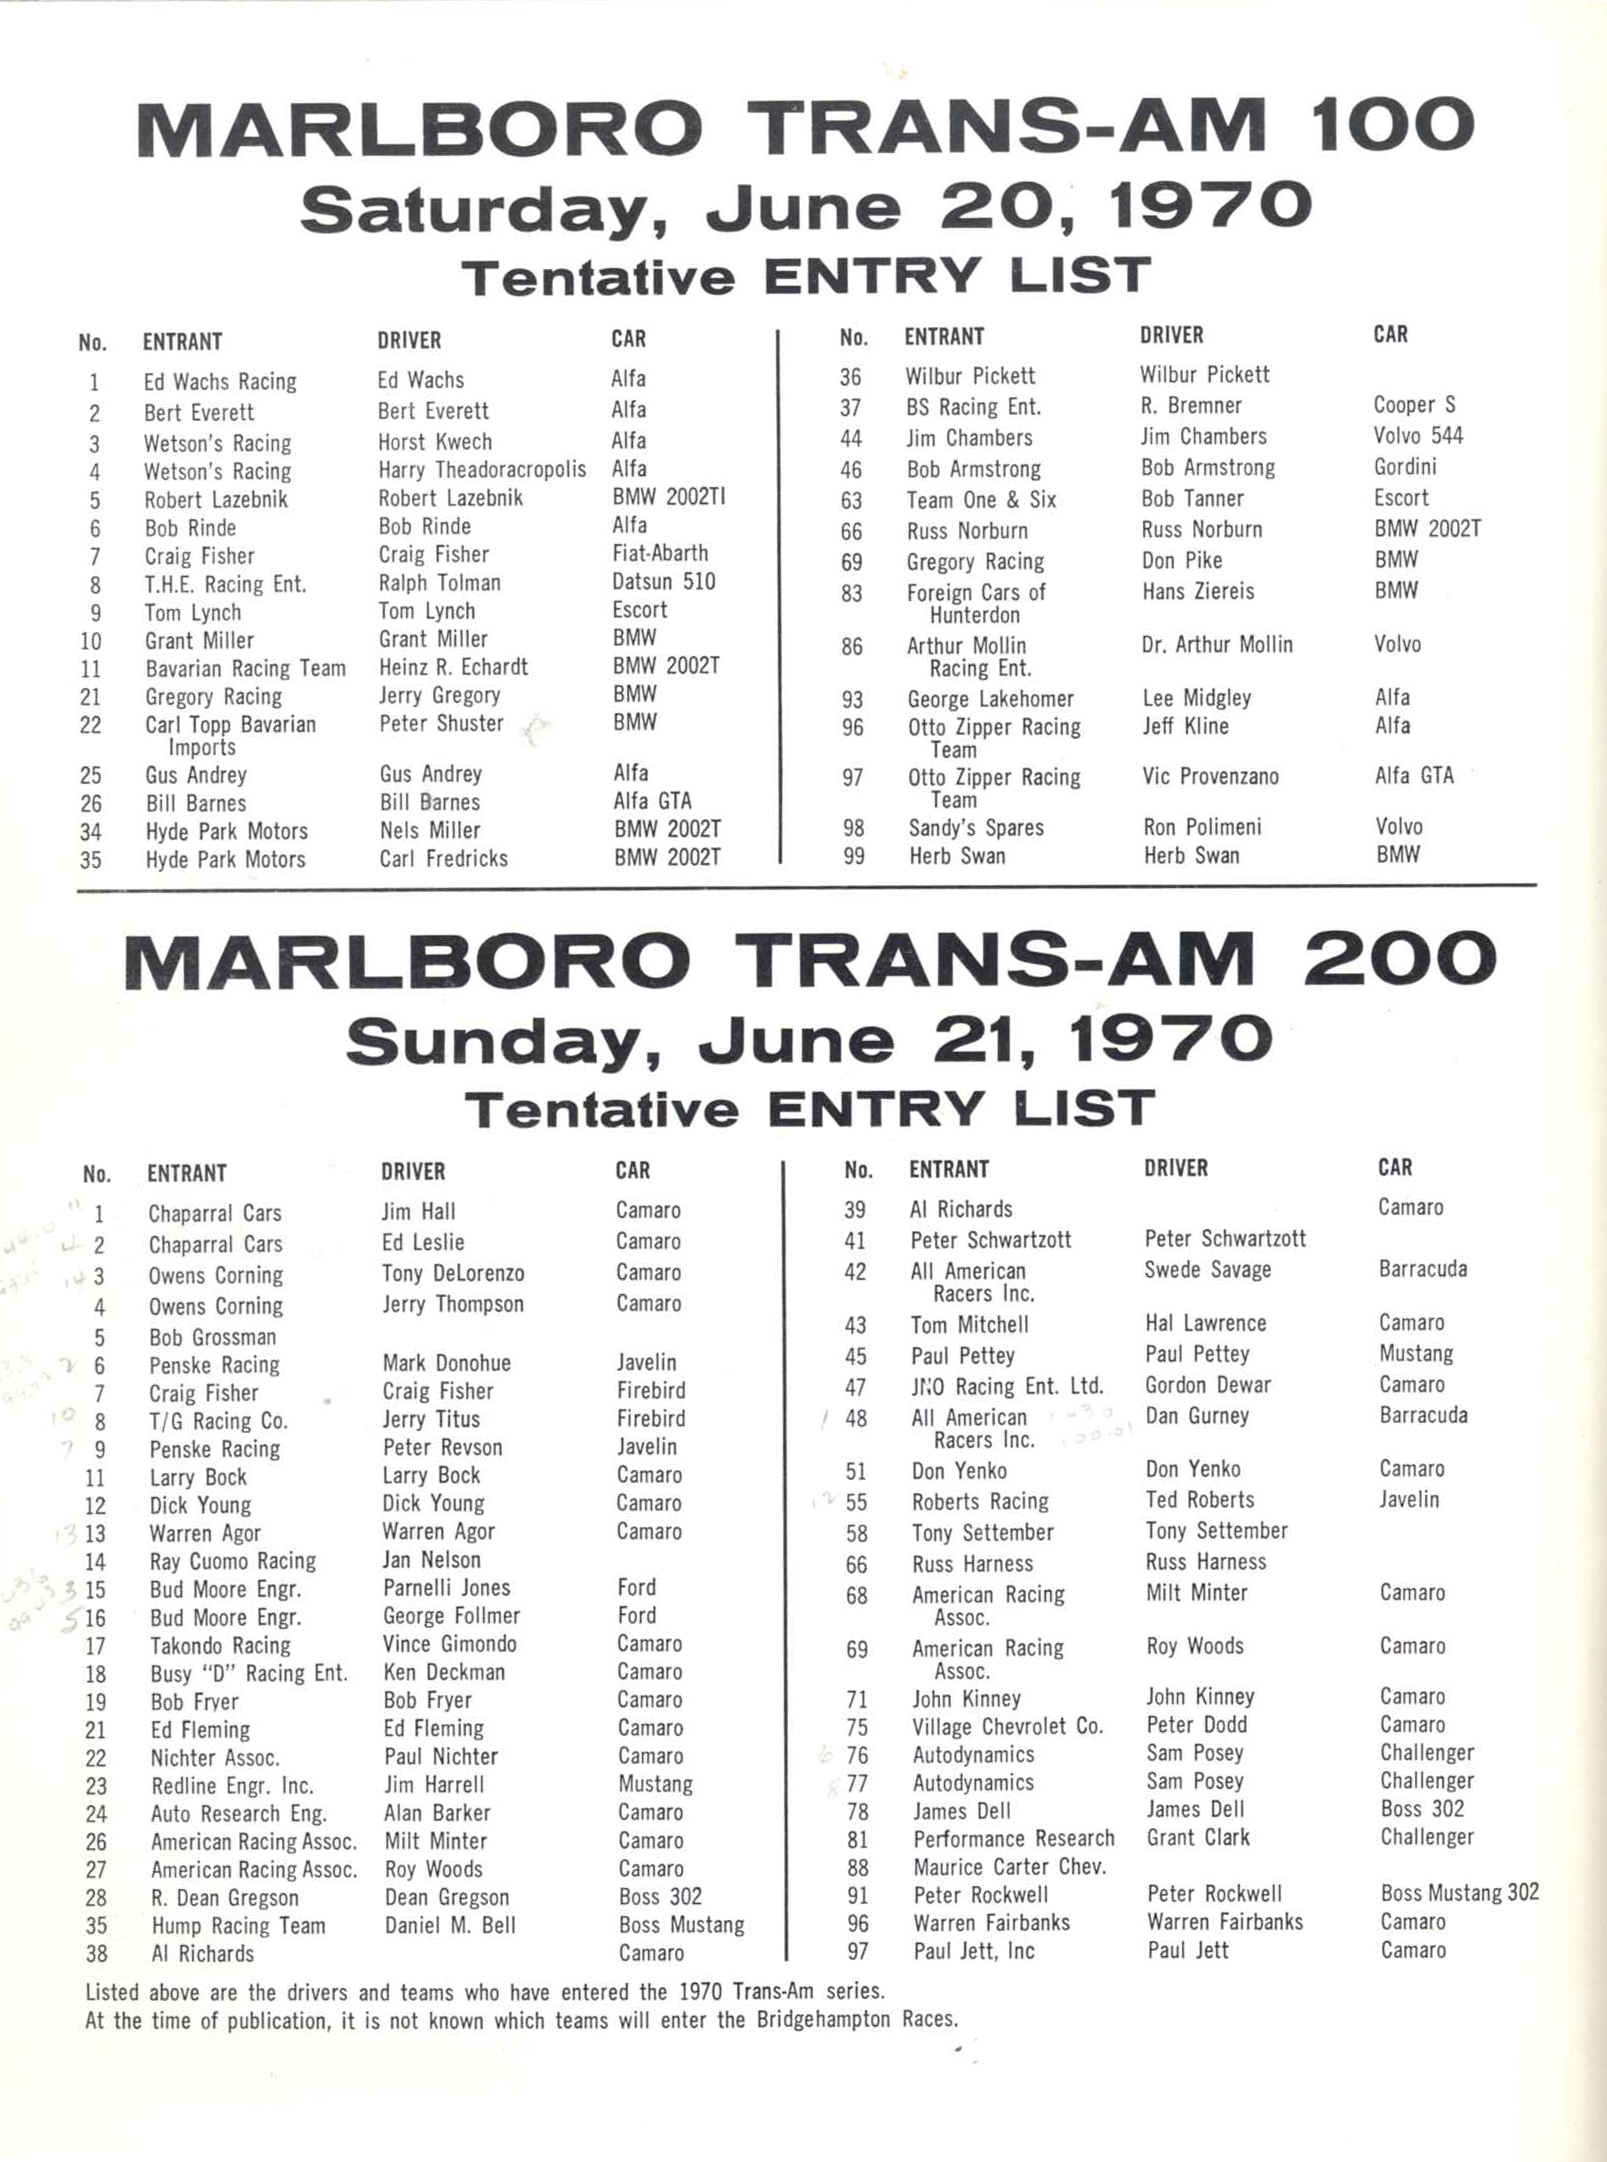 1970 Marlboro Trans-Am Entry List